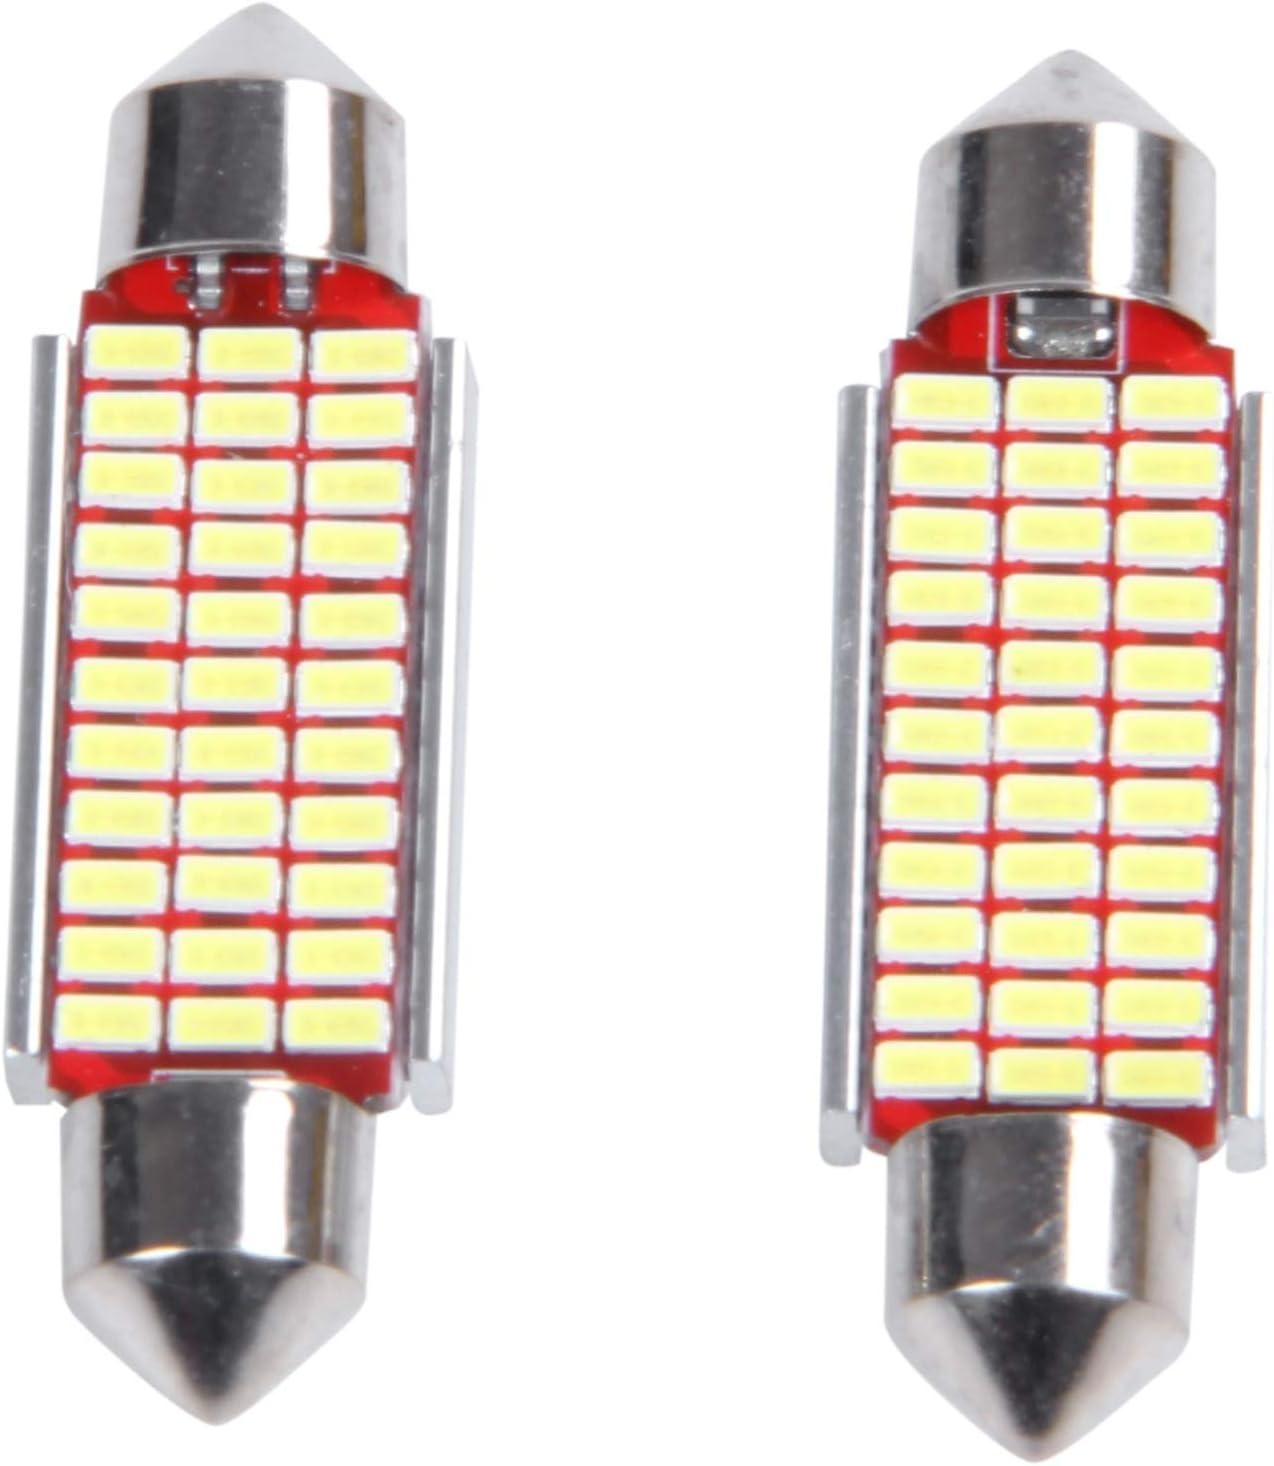 Binchil 2Pcs C5W C10W 31Mm 3014 18Smd Ampoule Interieur De Voiture Canbus LED De Feston Lampe De Plaque DImmatriculation 12V